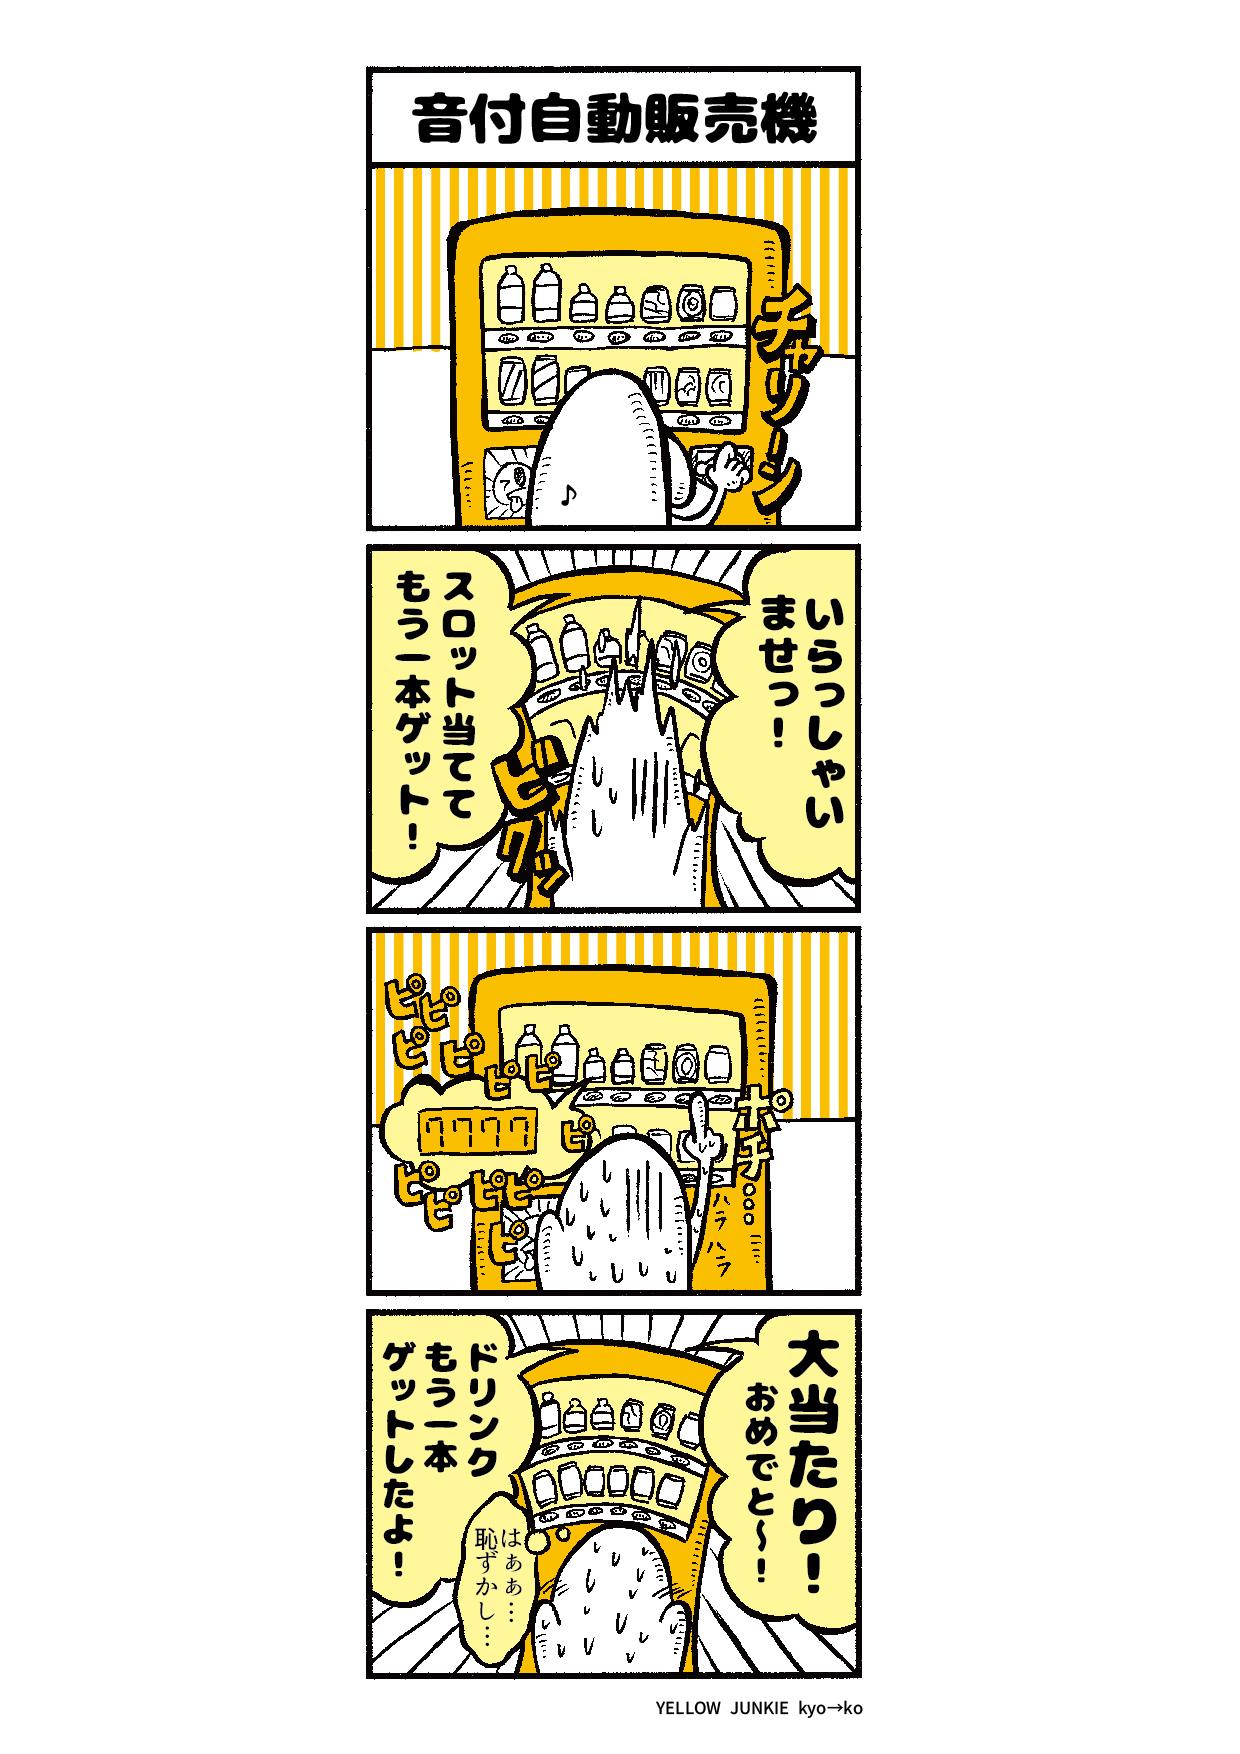 YELLOW JUNKIE「37話:音付自動販売機」